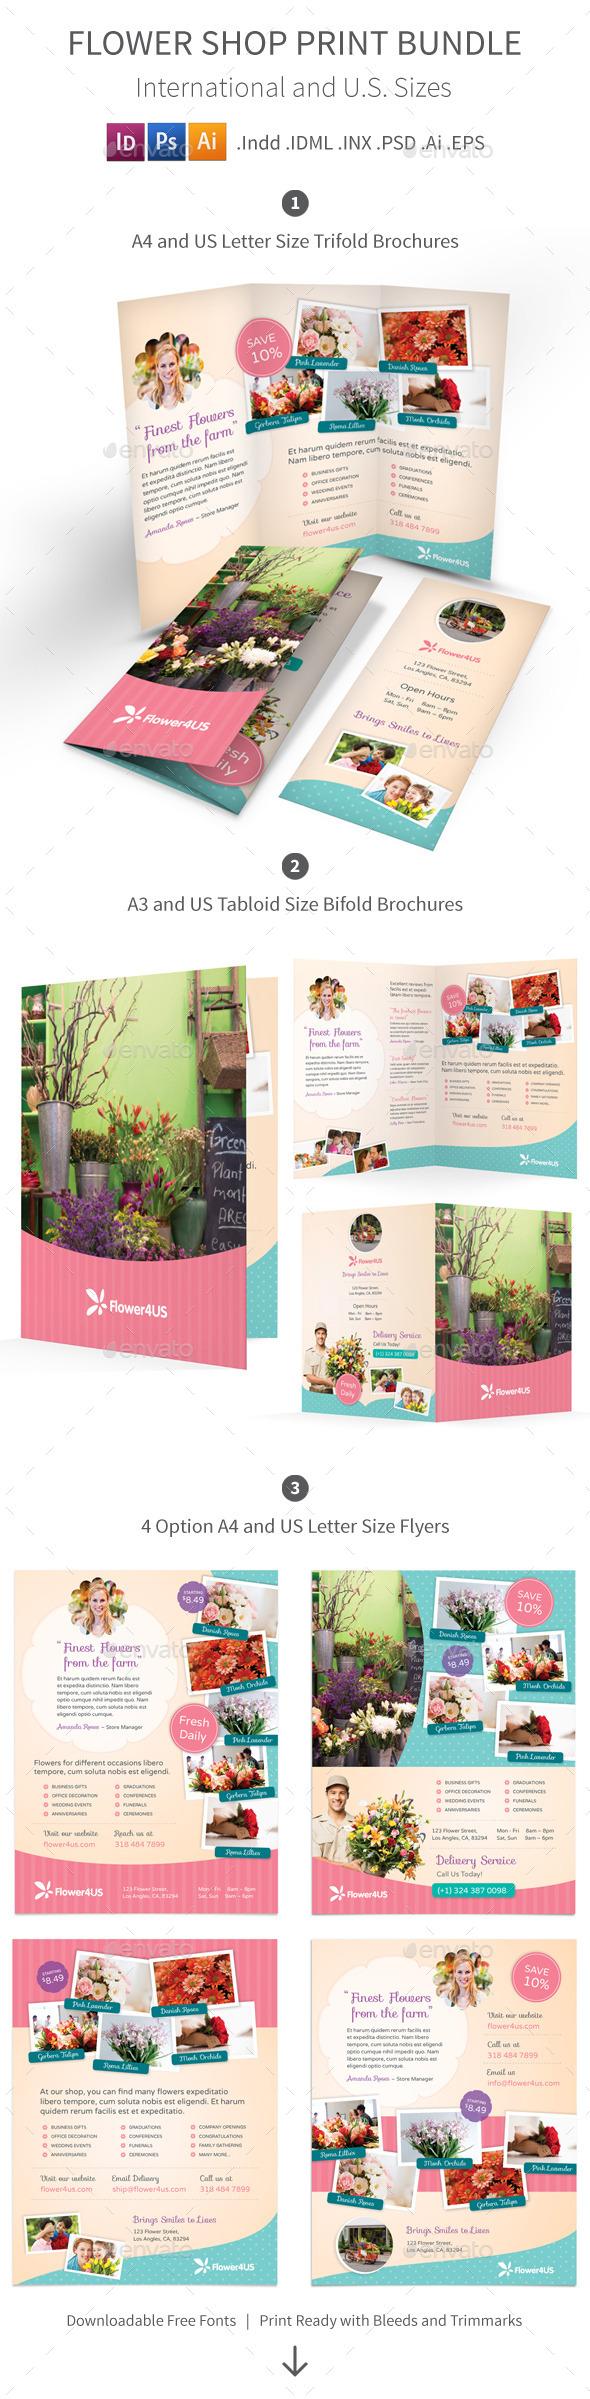 Flower Shop Print Bundle - Informational Brochures